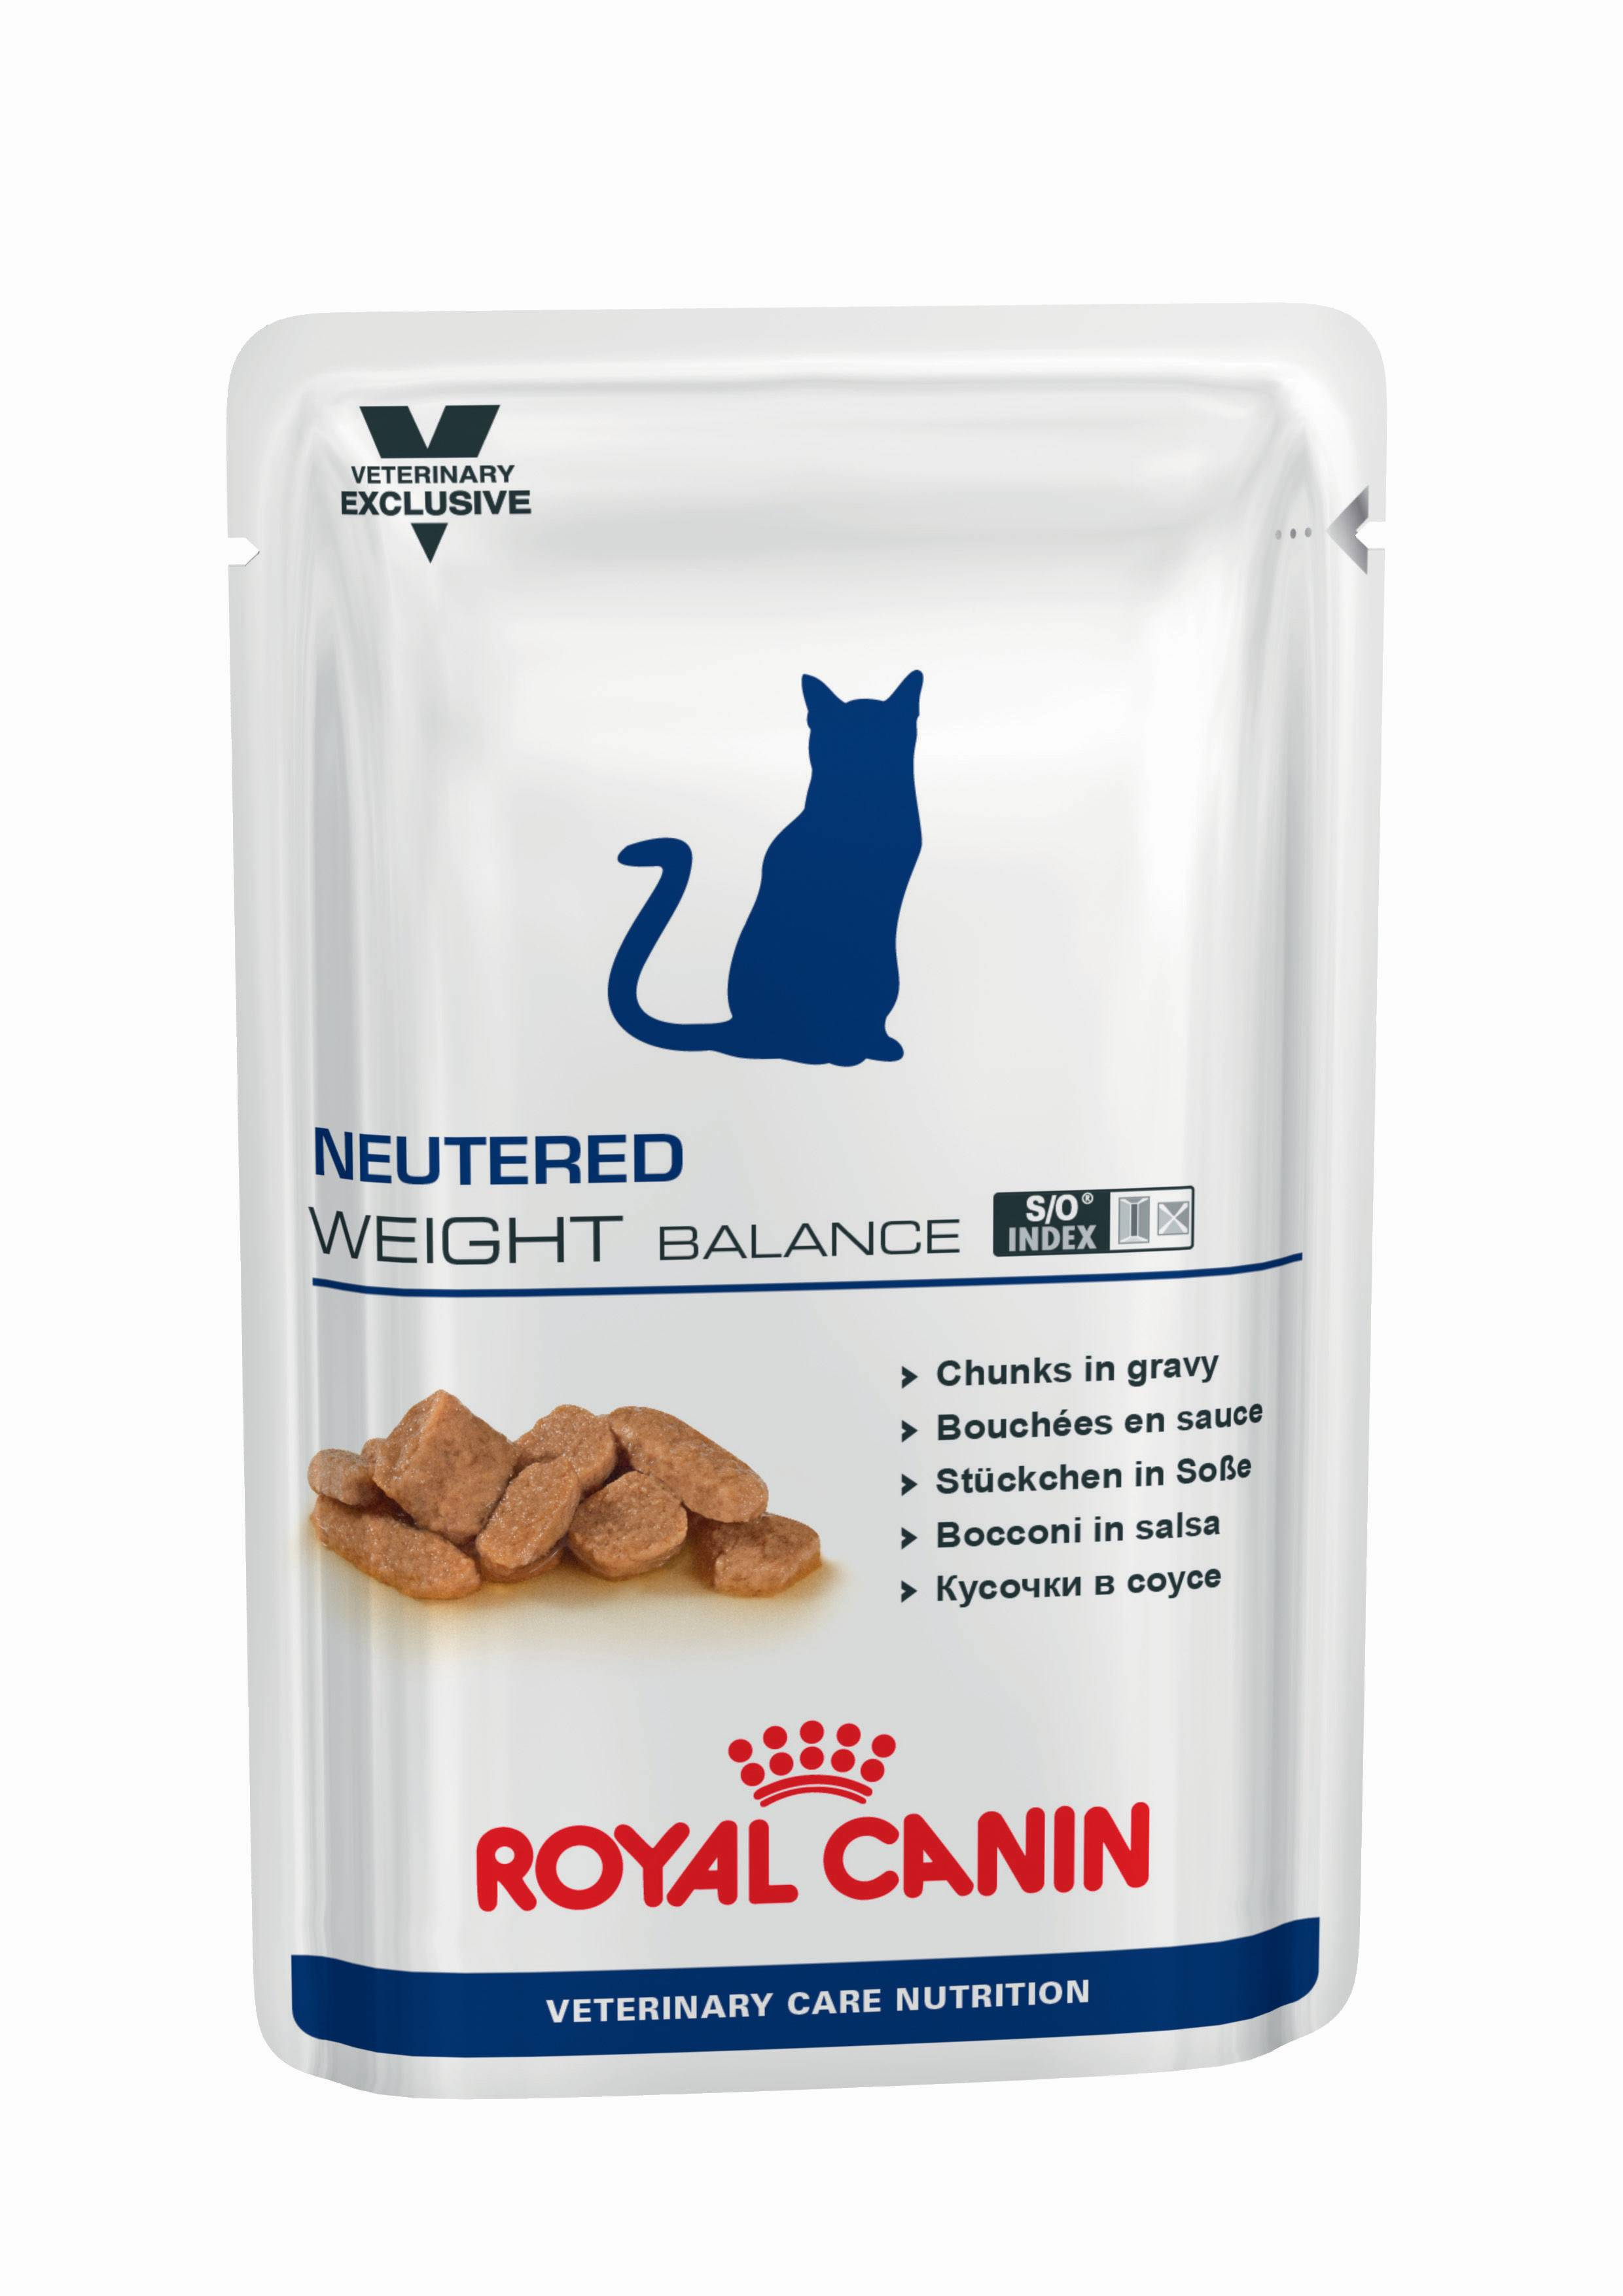 ROYAL CANIN NEUTERED WEIGHT BALANCE – лікувальний вологий корм для стерилізованих котів із моменту операції до 7 років, схильних до надмірної ваги